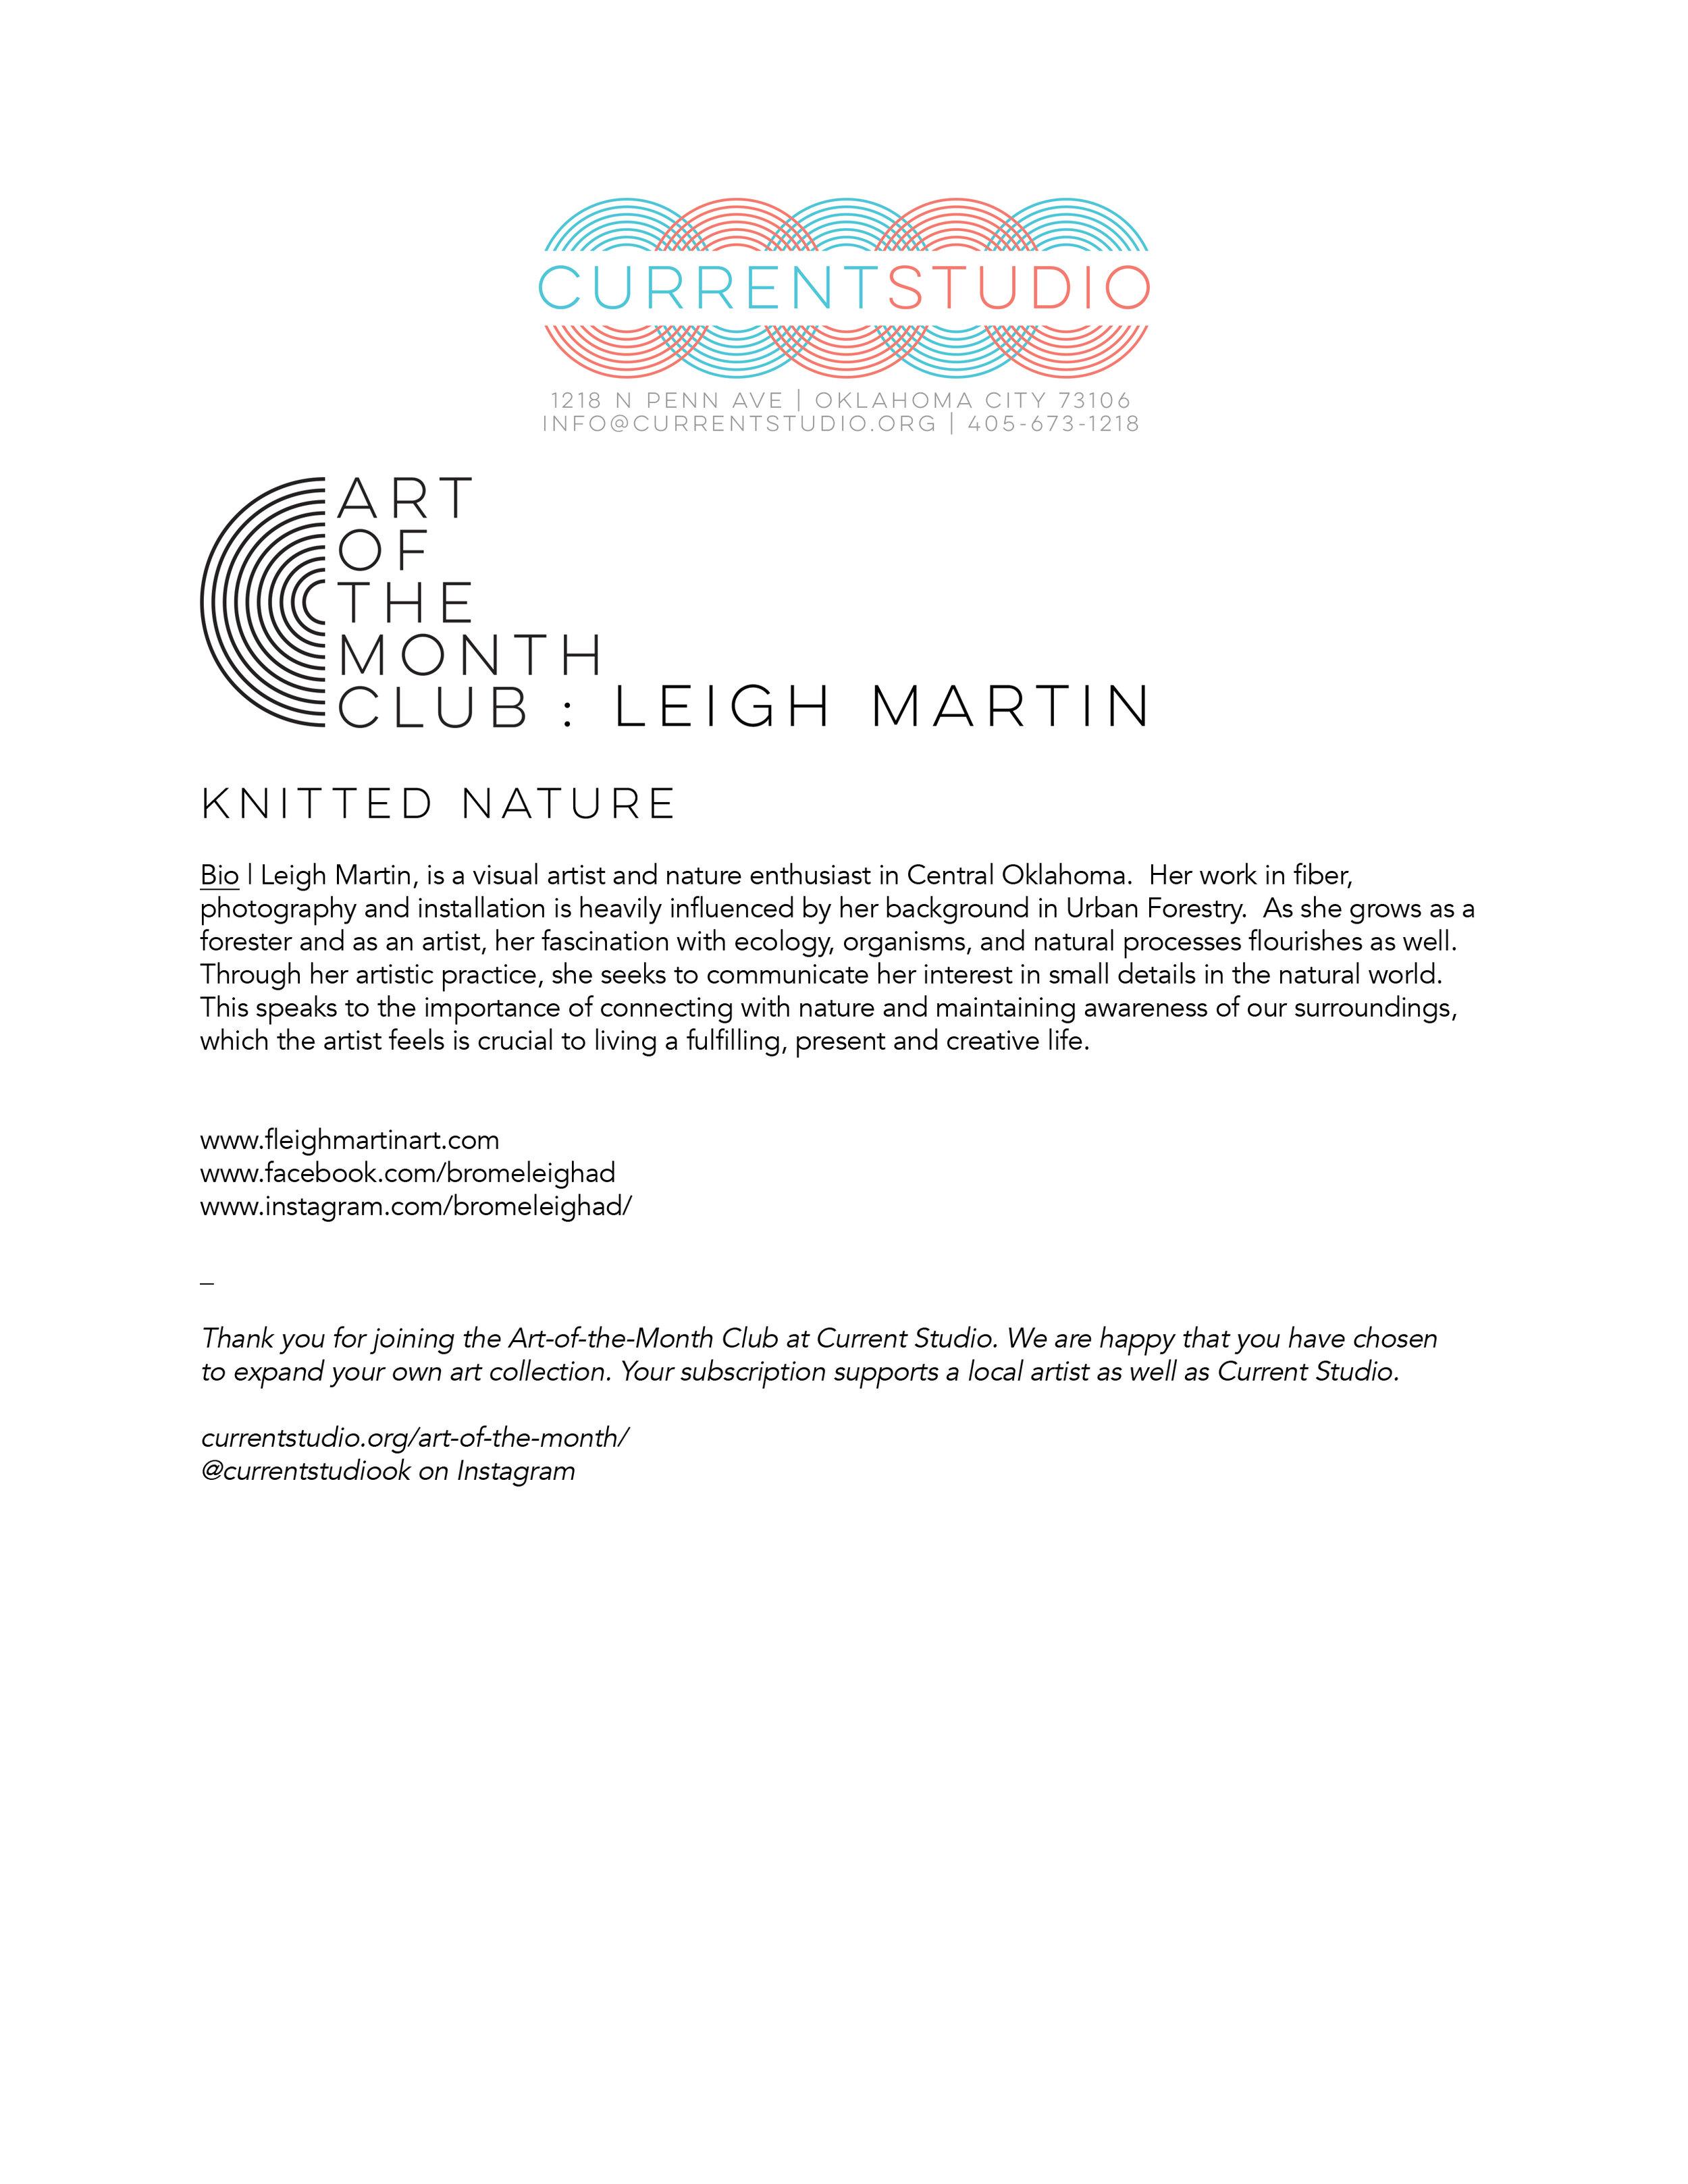 art of the month artist sheet - leigh martin.jpg